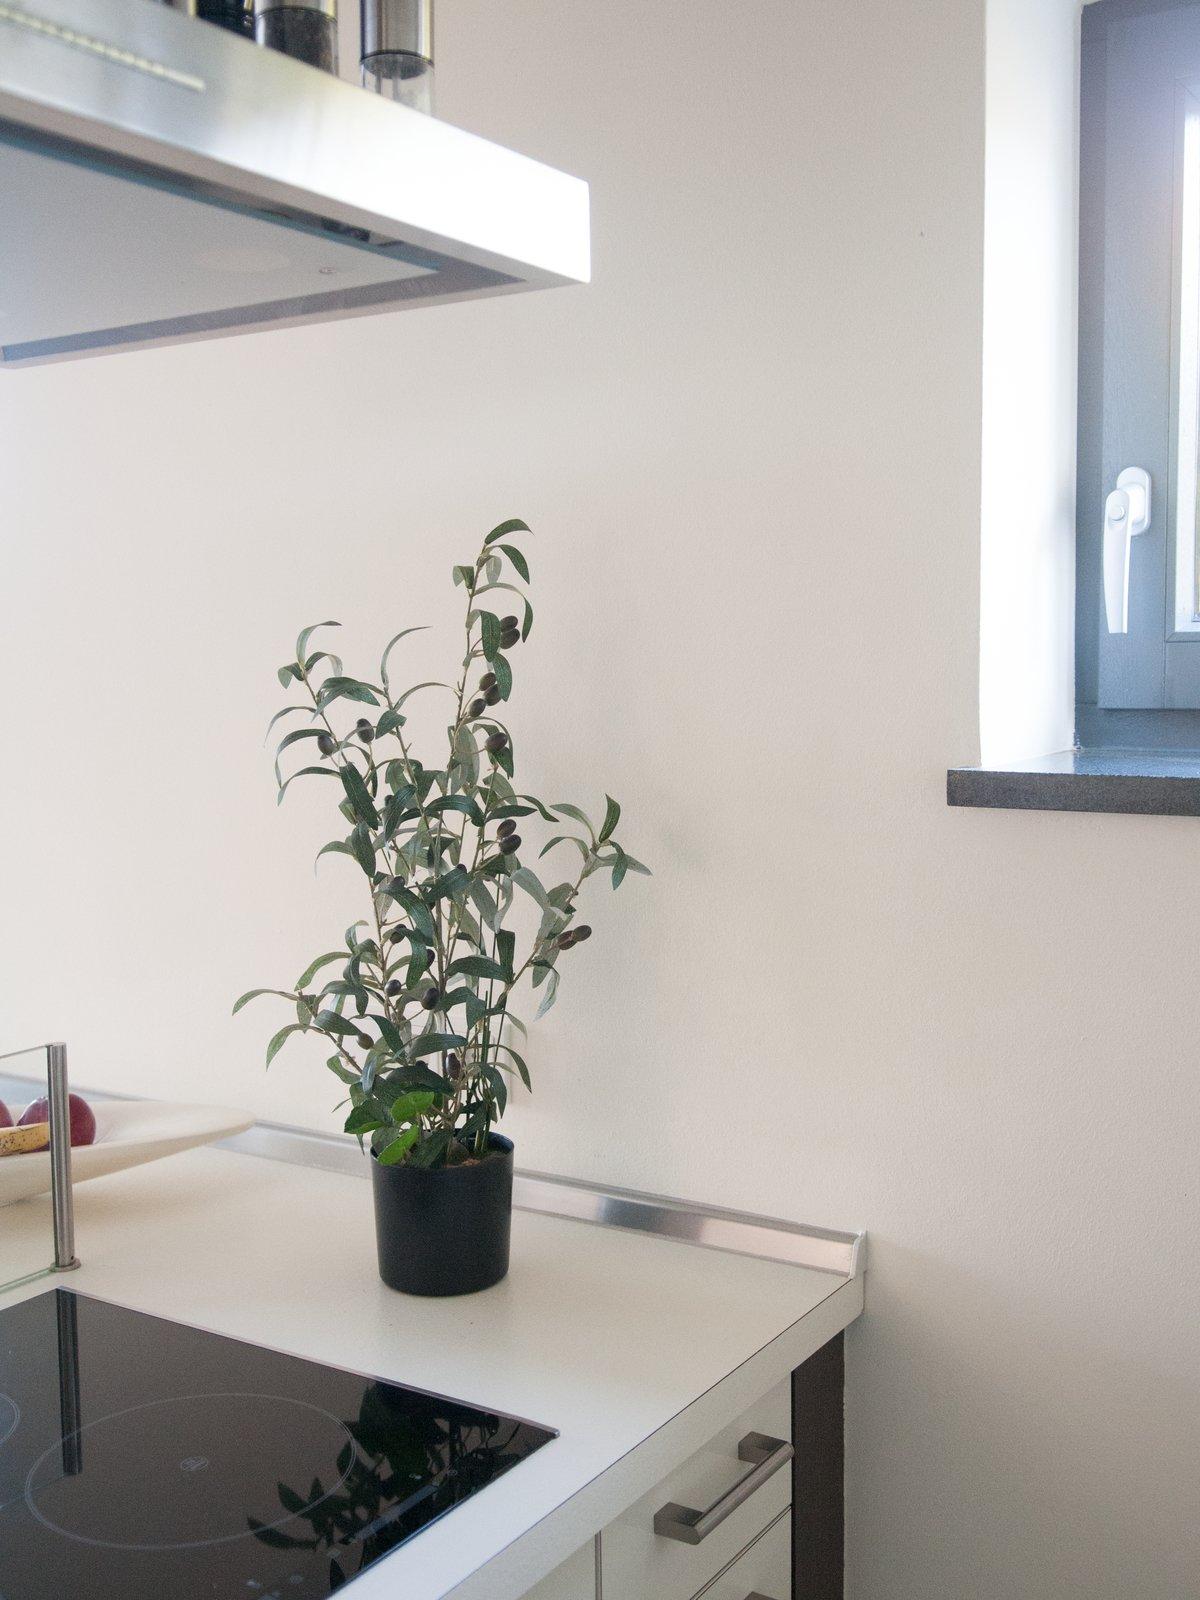 petit-olive-artificiel-68cm-5